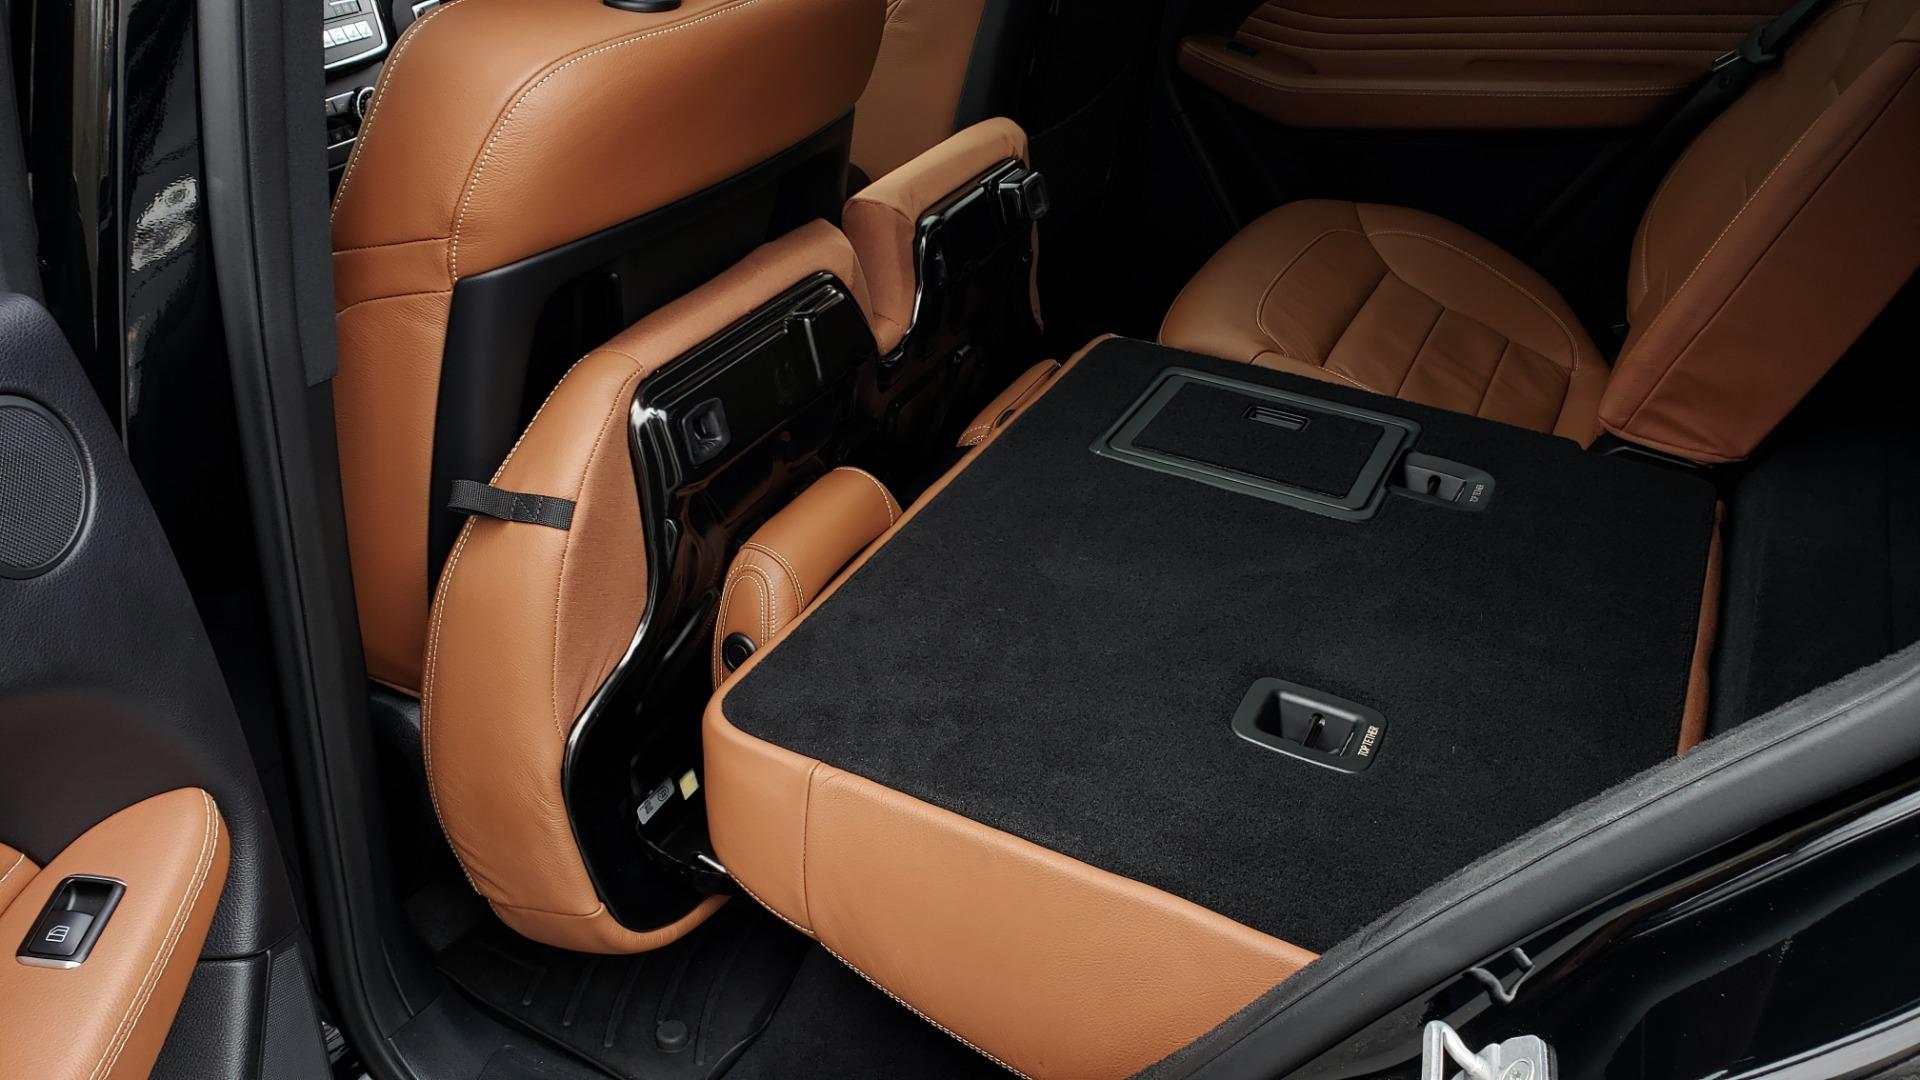 Used 2016 Mercedes-Benz GLE 450 AMG / AWD / PREM PKG / PARK ASST / DRVR ASST / SUNROOF for sale Sold at Formula Imports in Charlotte NC 28227 69